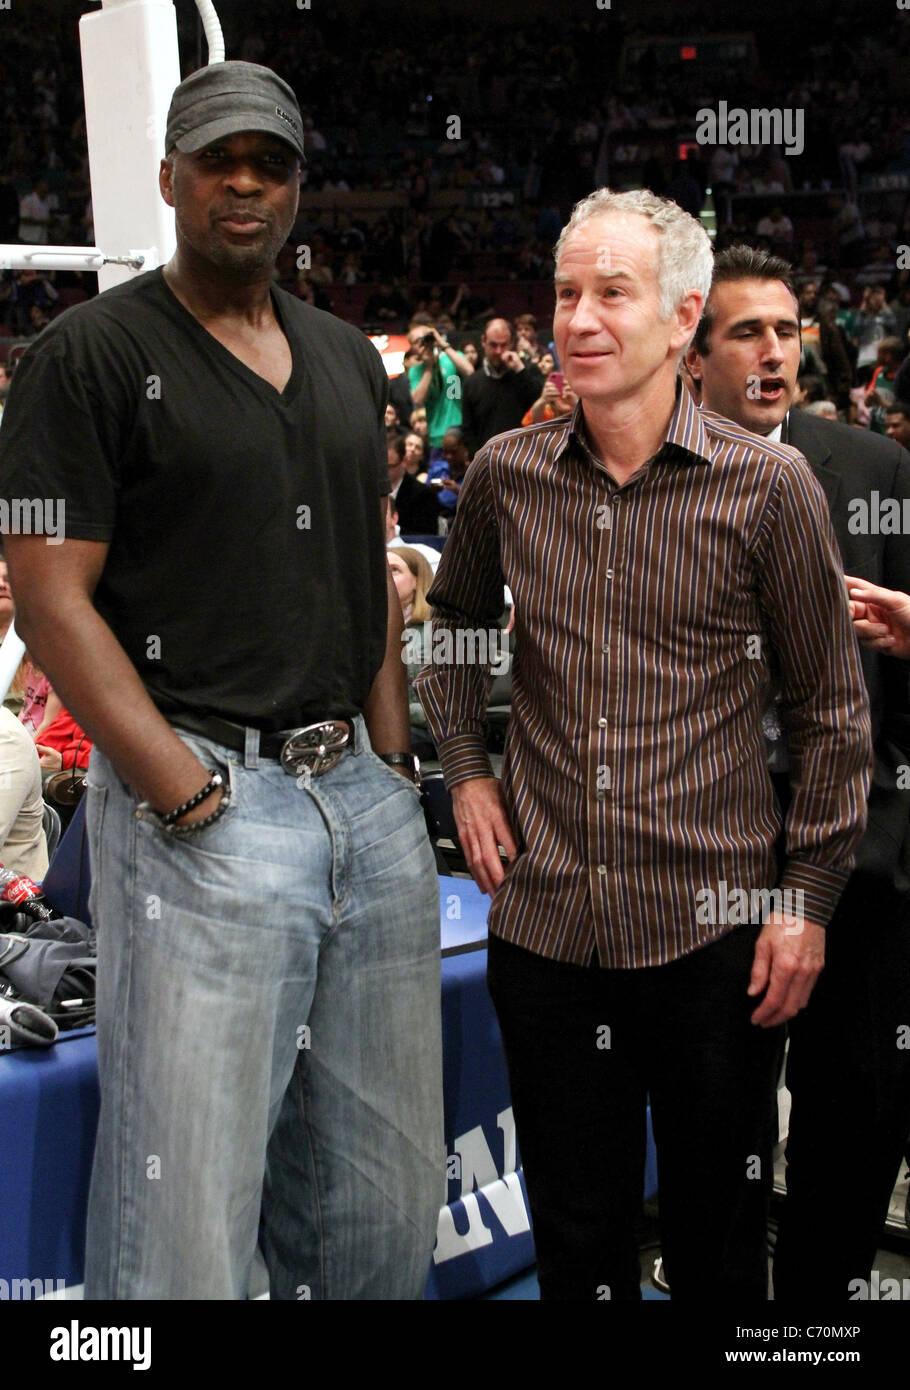 Charles Oakley and John McEnroe Celebrities at New York Knicks v